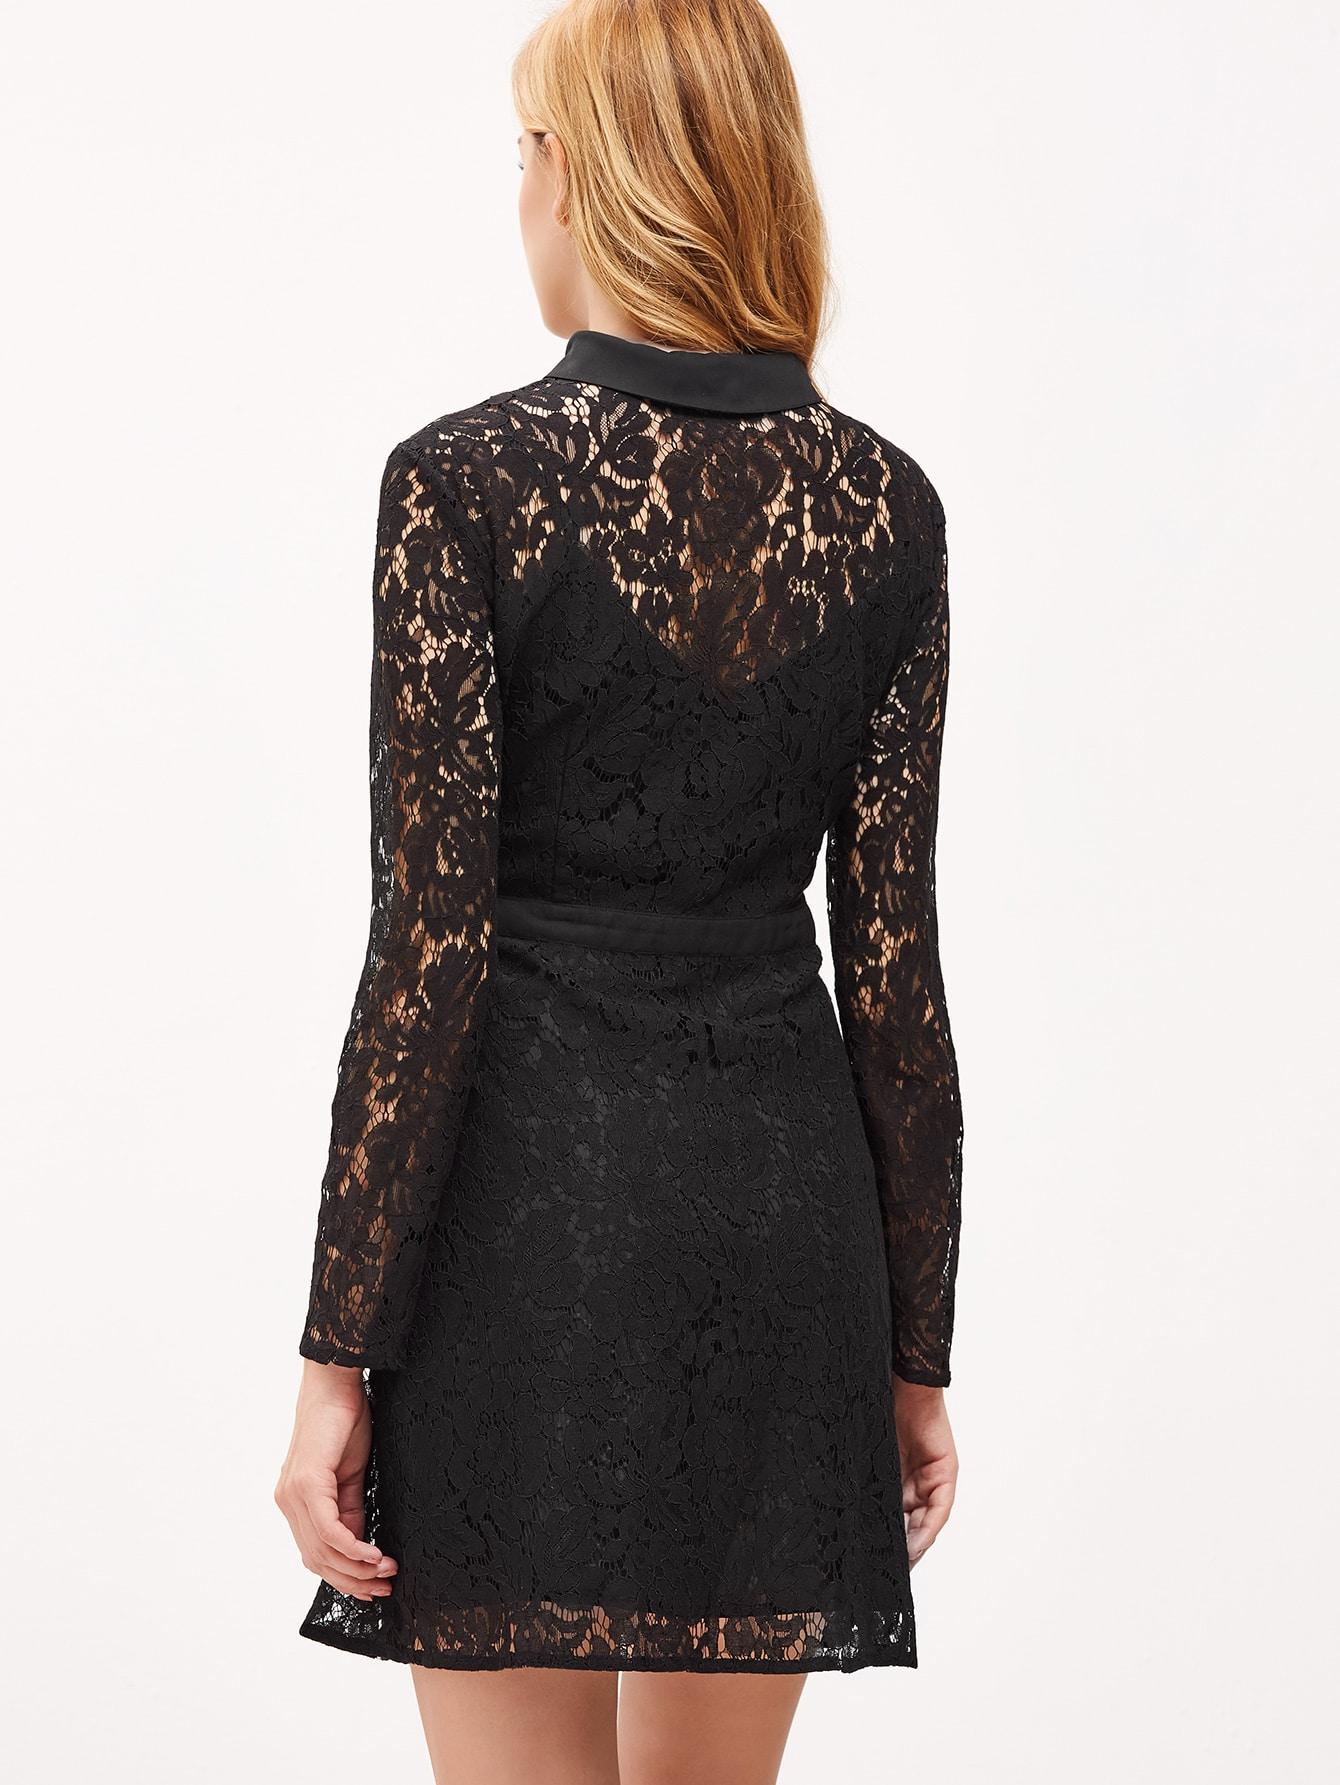 dress161202710_2